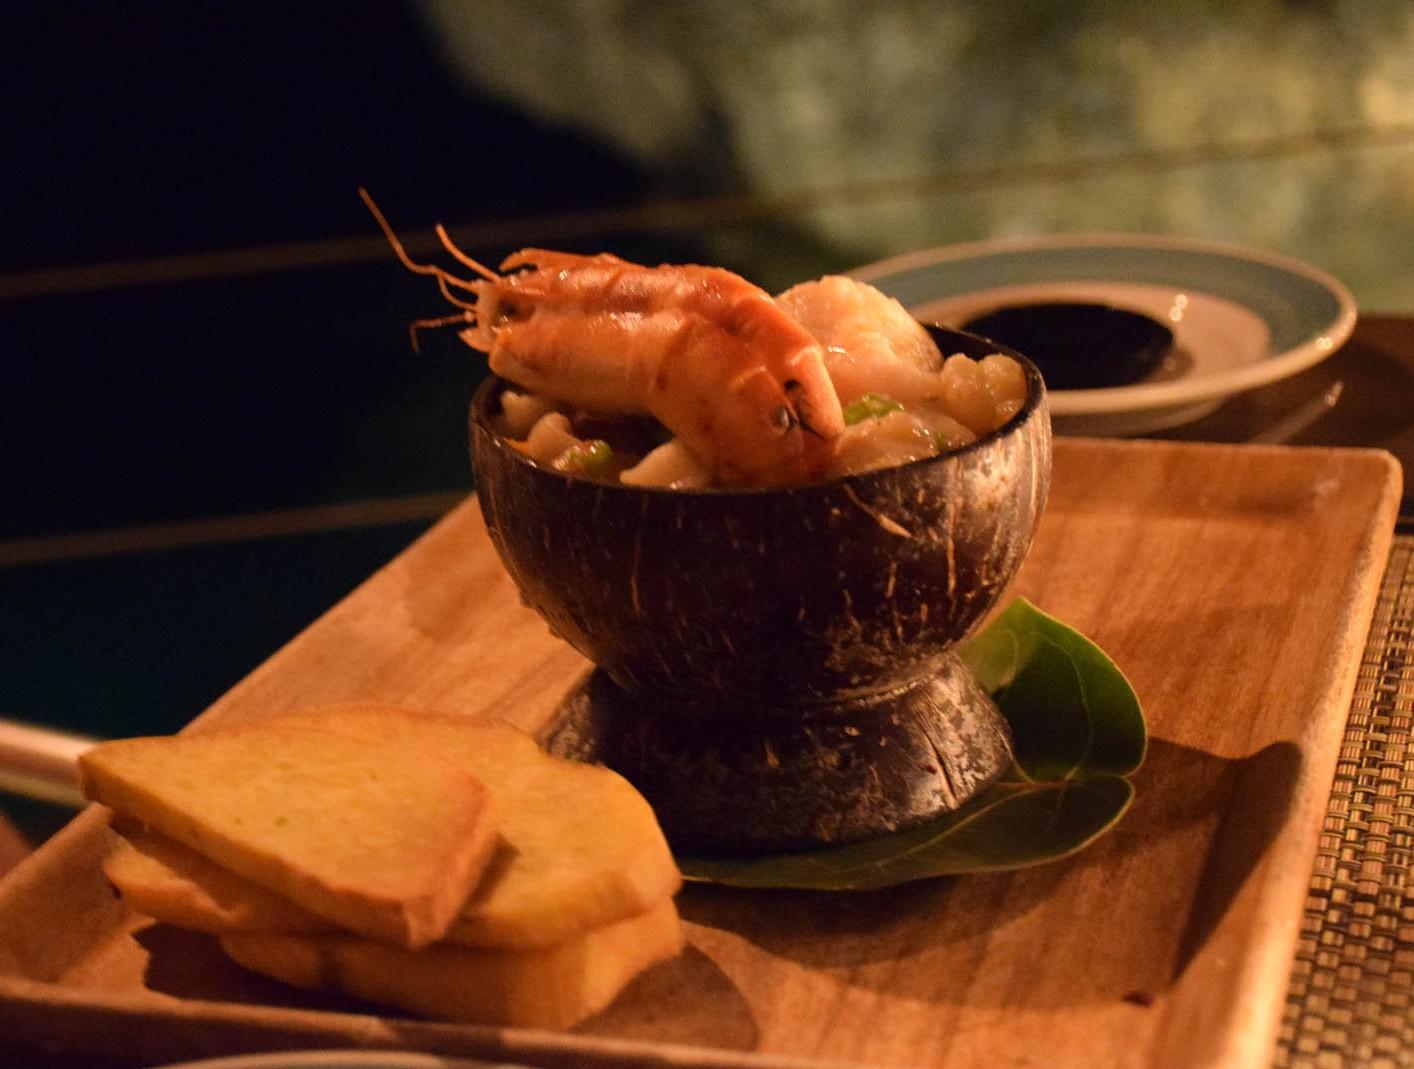 Prato do marido: lagosta, camarão, lula e peixe cozidos lentamente no rum.